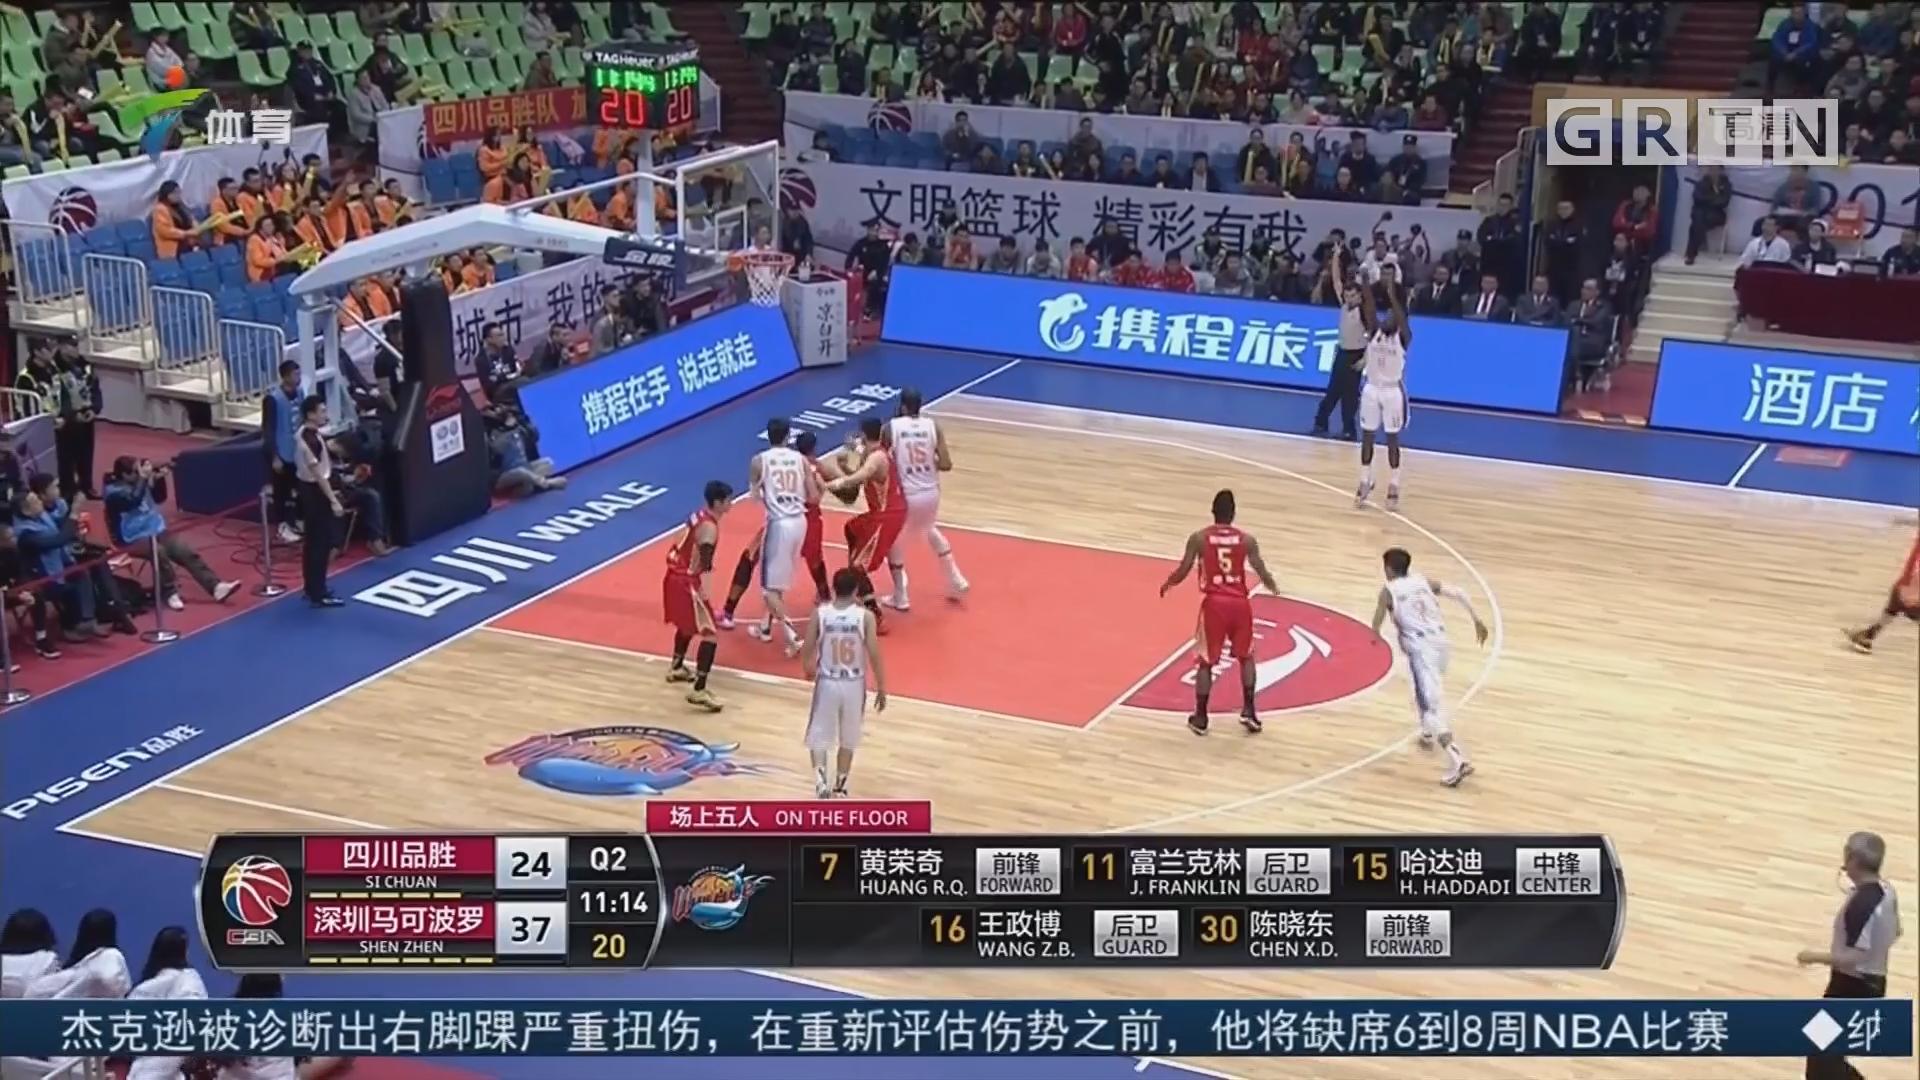 篮球评论员点评 CBA四川和深圳的比赛